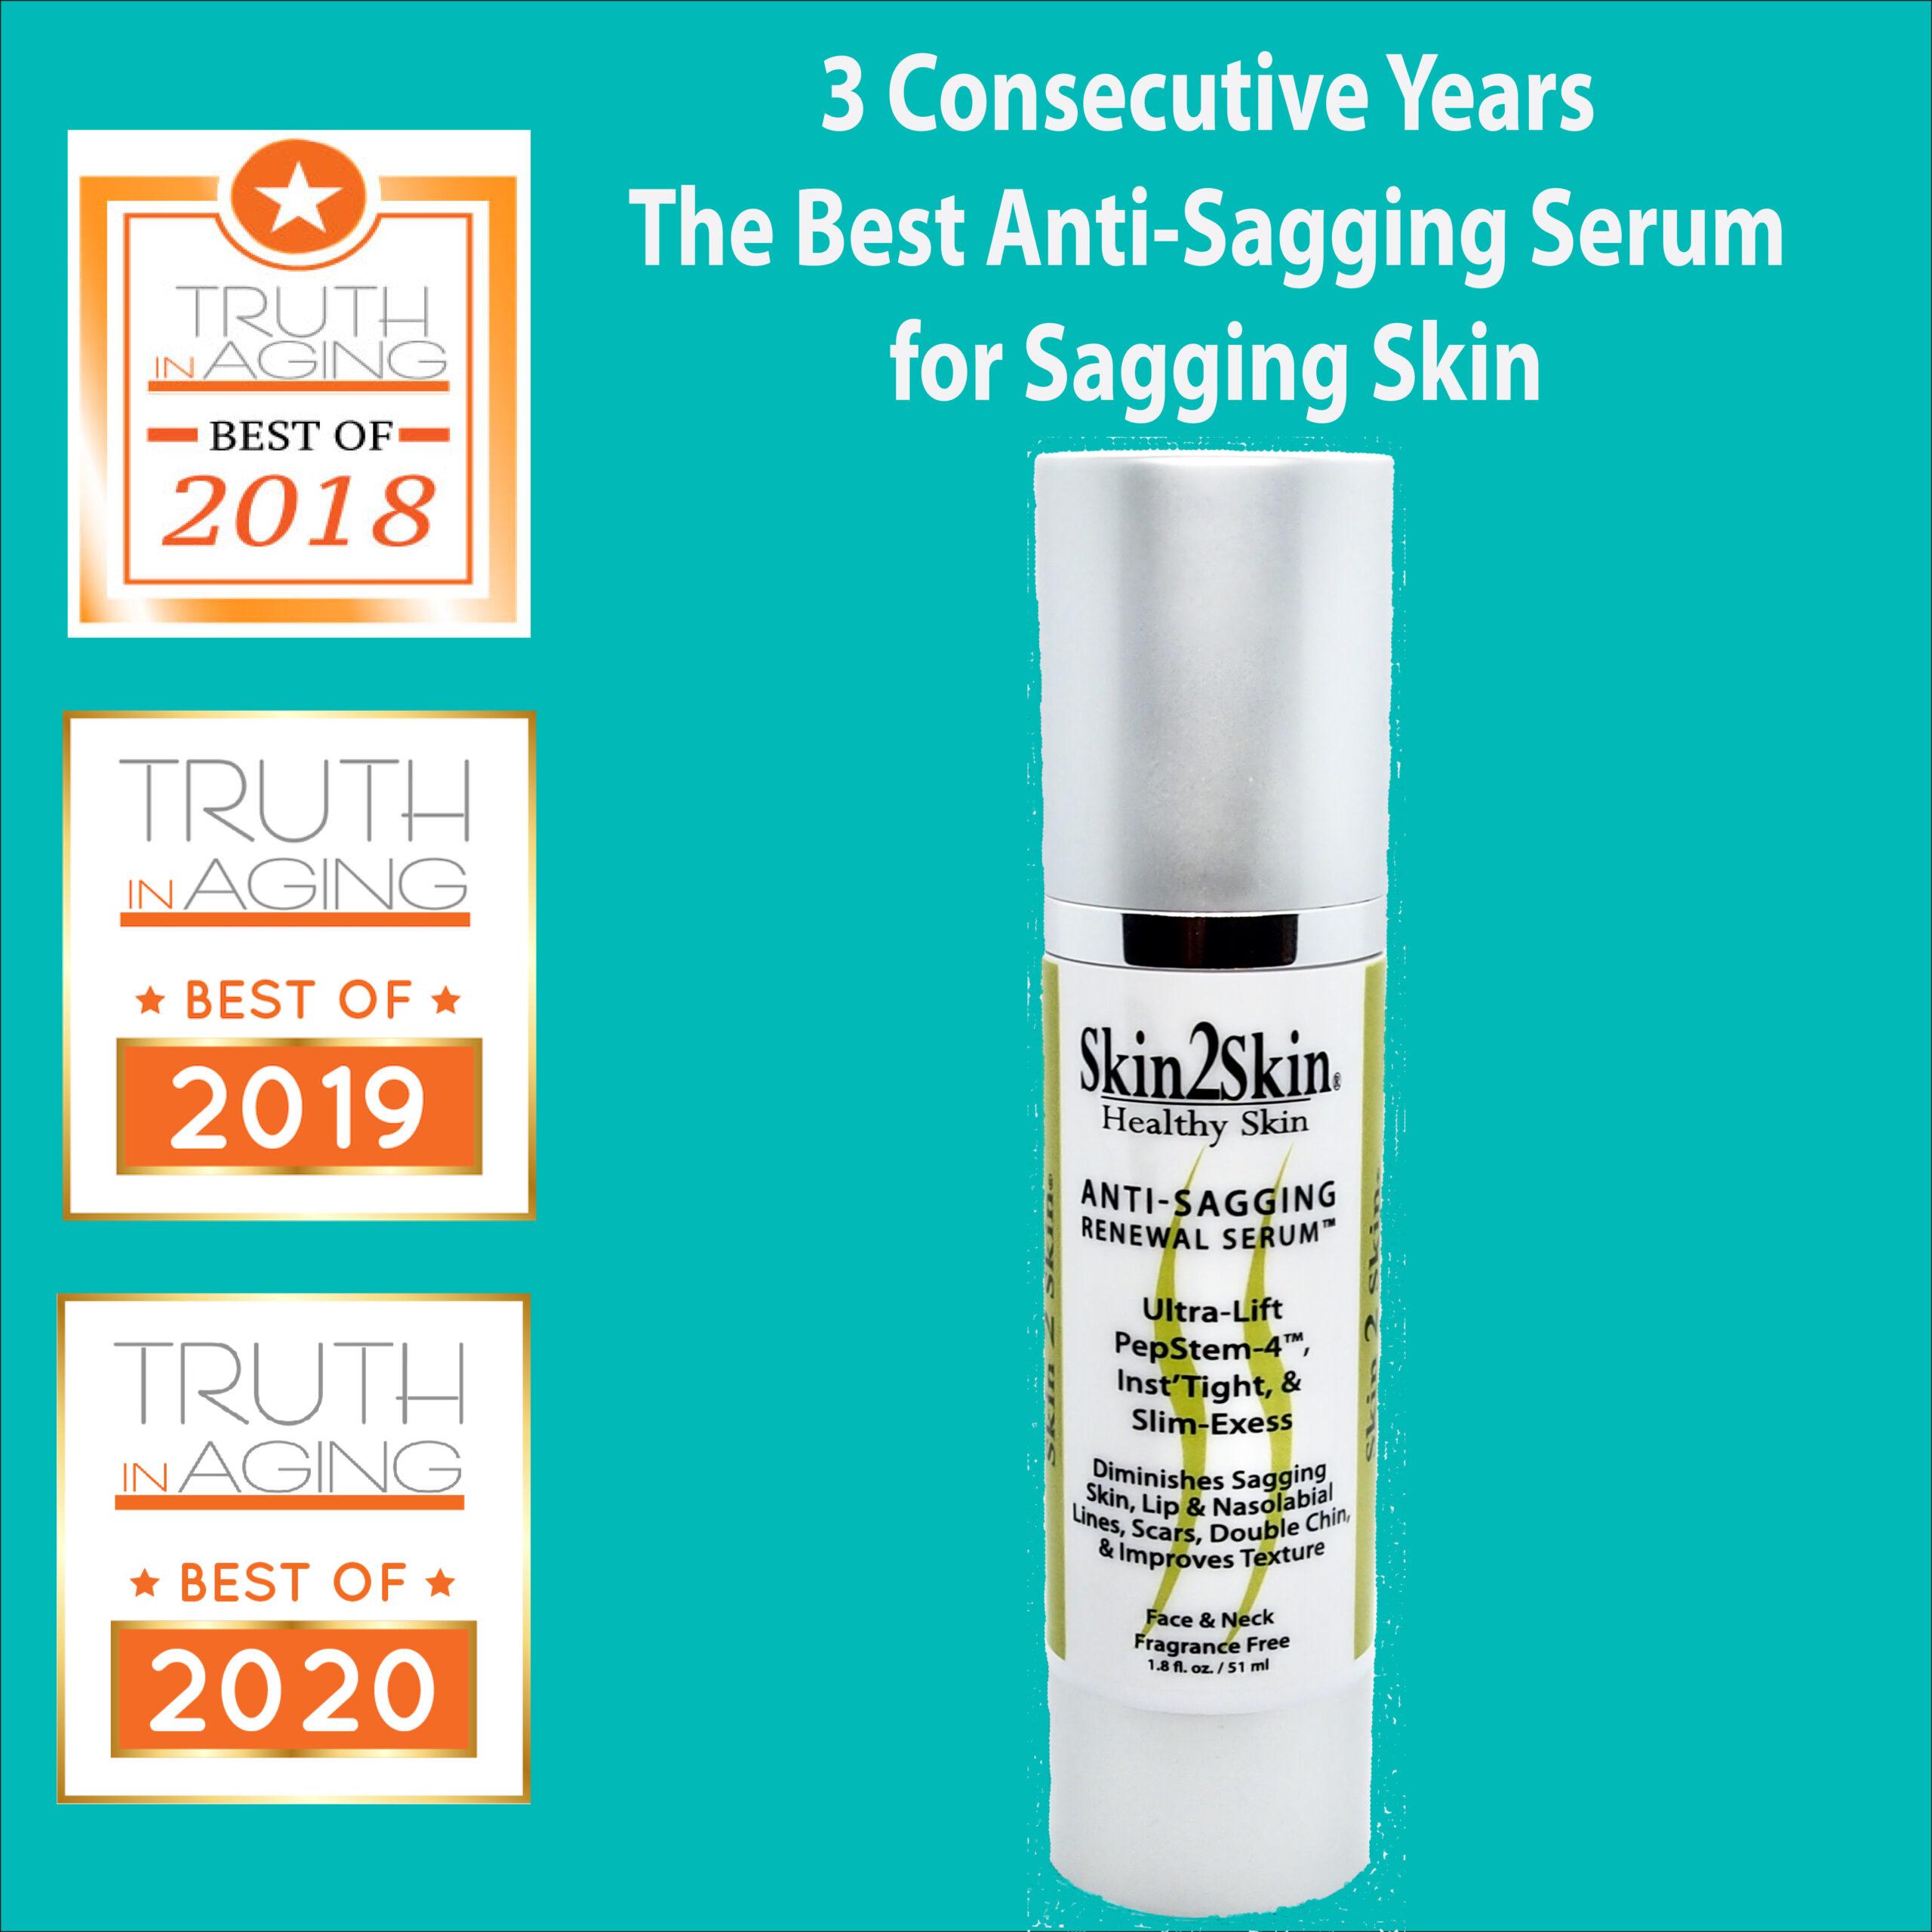 The Best Anti-Sagging Serum Skin 2 Skin's Anti-Sagging Renewal Serum